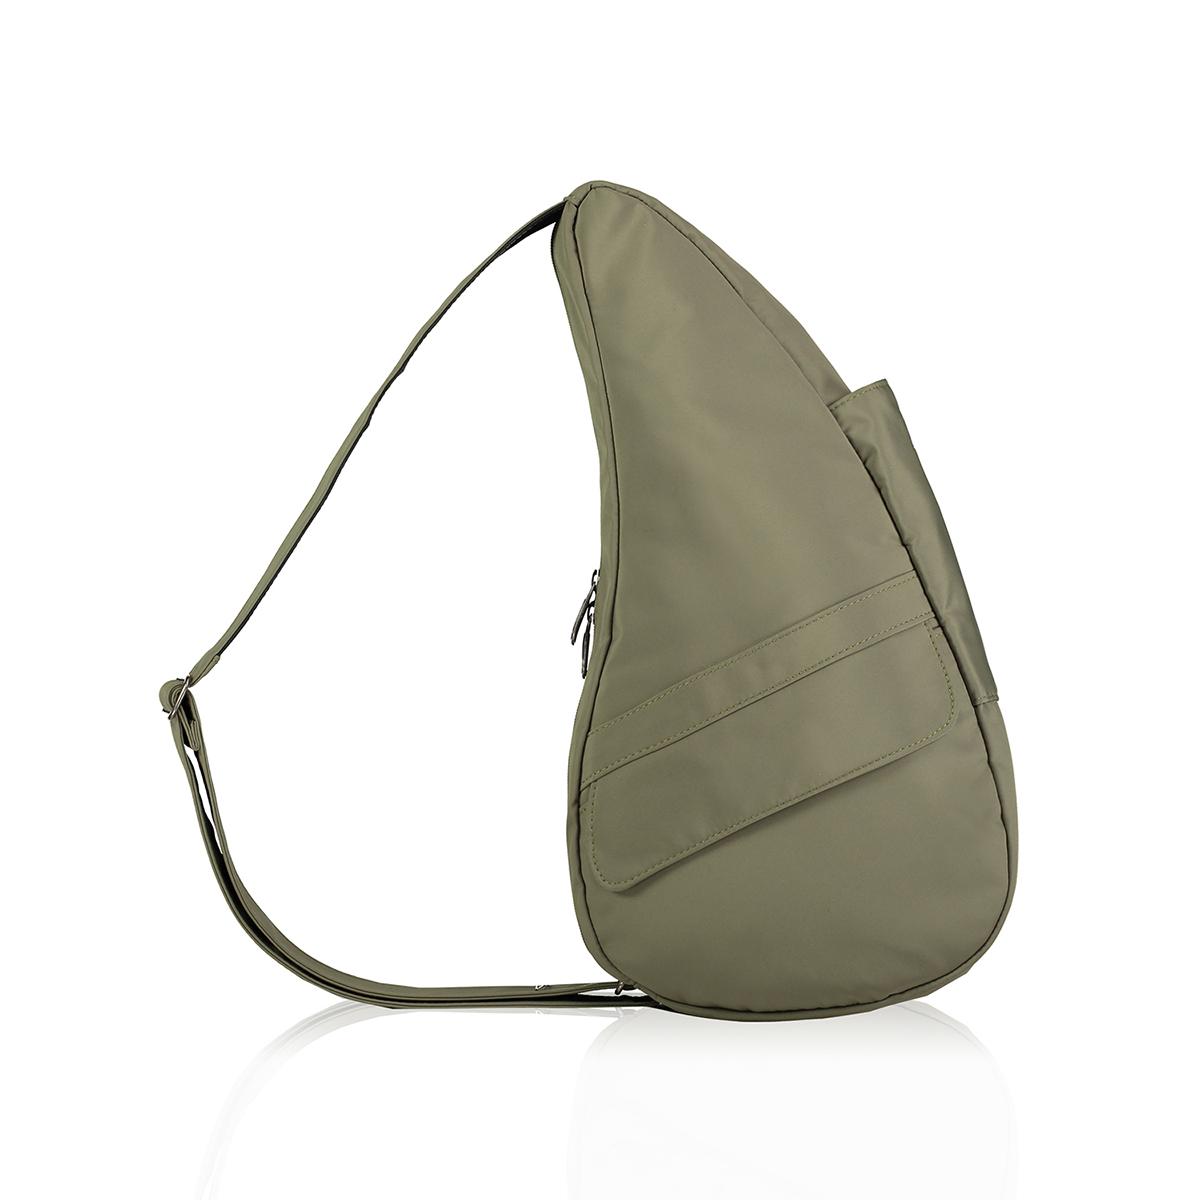 Healthy Back Bag/ヘルシーバックバッグ/ショルダーバッグ/ボディバッグ/旅行バッグ/軽量/レディース/メンズ 《限定ポーチ付》 公式ストア ヘルシーバックバッグ マイクロファイバー Sサイズモシーオーク